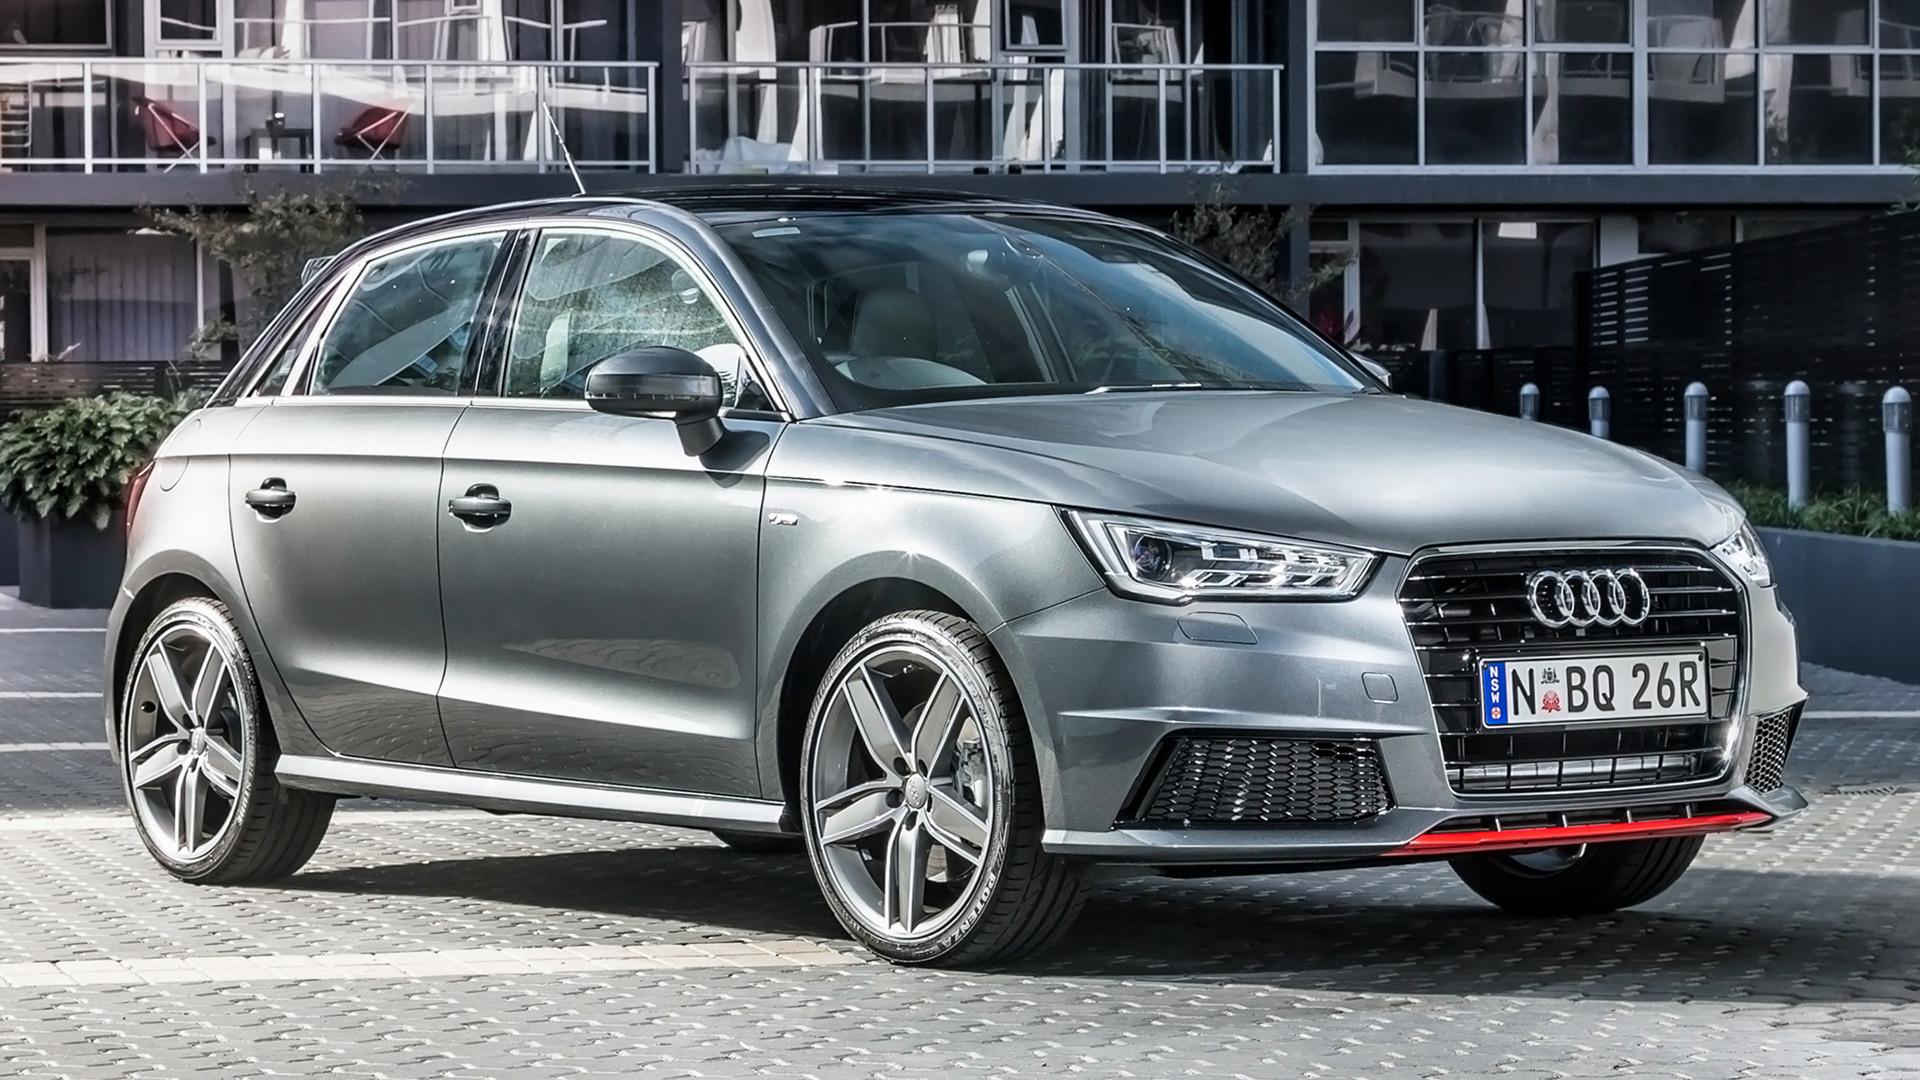 2015 Audi A1 Sportback S Line Au Papeis De Parede E Imagens De Fundo Em Hd Car Pixel